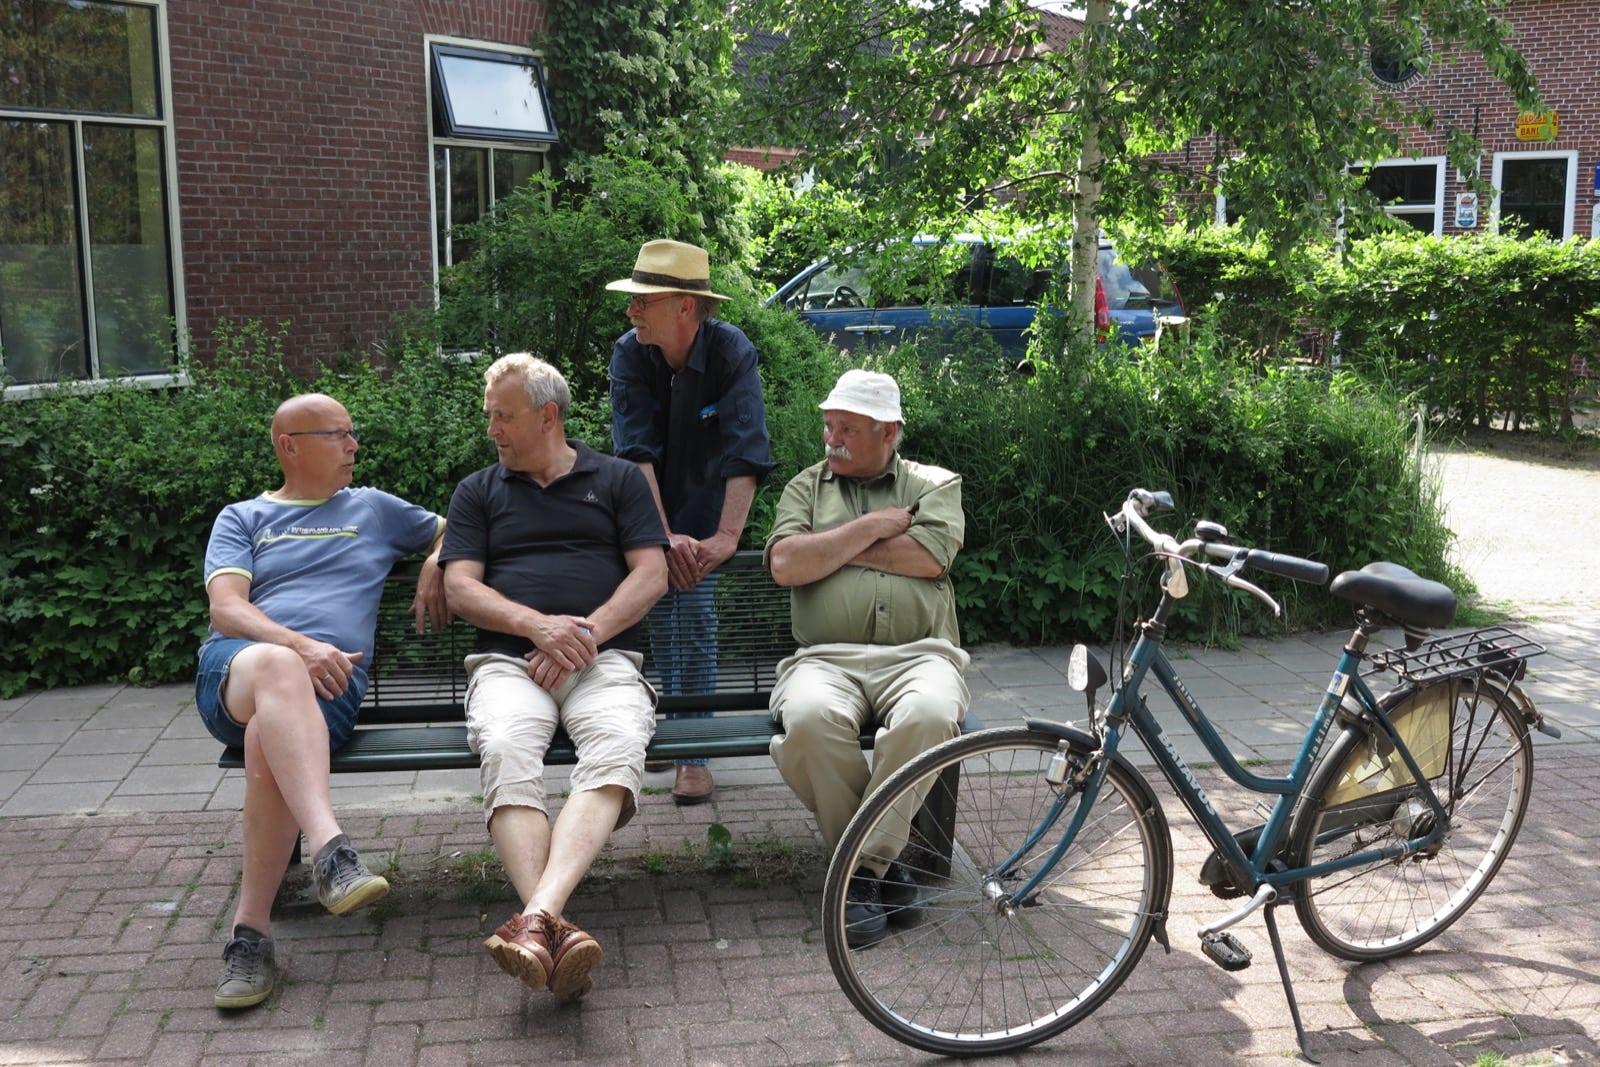 et-fiets-en-fietser-39-pauze-bij-het-leugenbankje-(kees-van-zanten,-cor-van-zanten,-hans-van-den-brand,-jacob-vd-wouden-oi.jpg